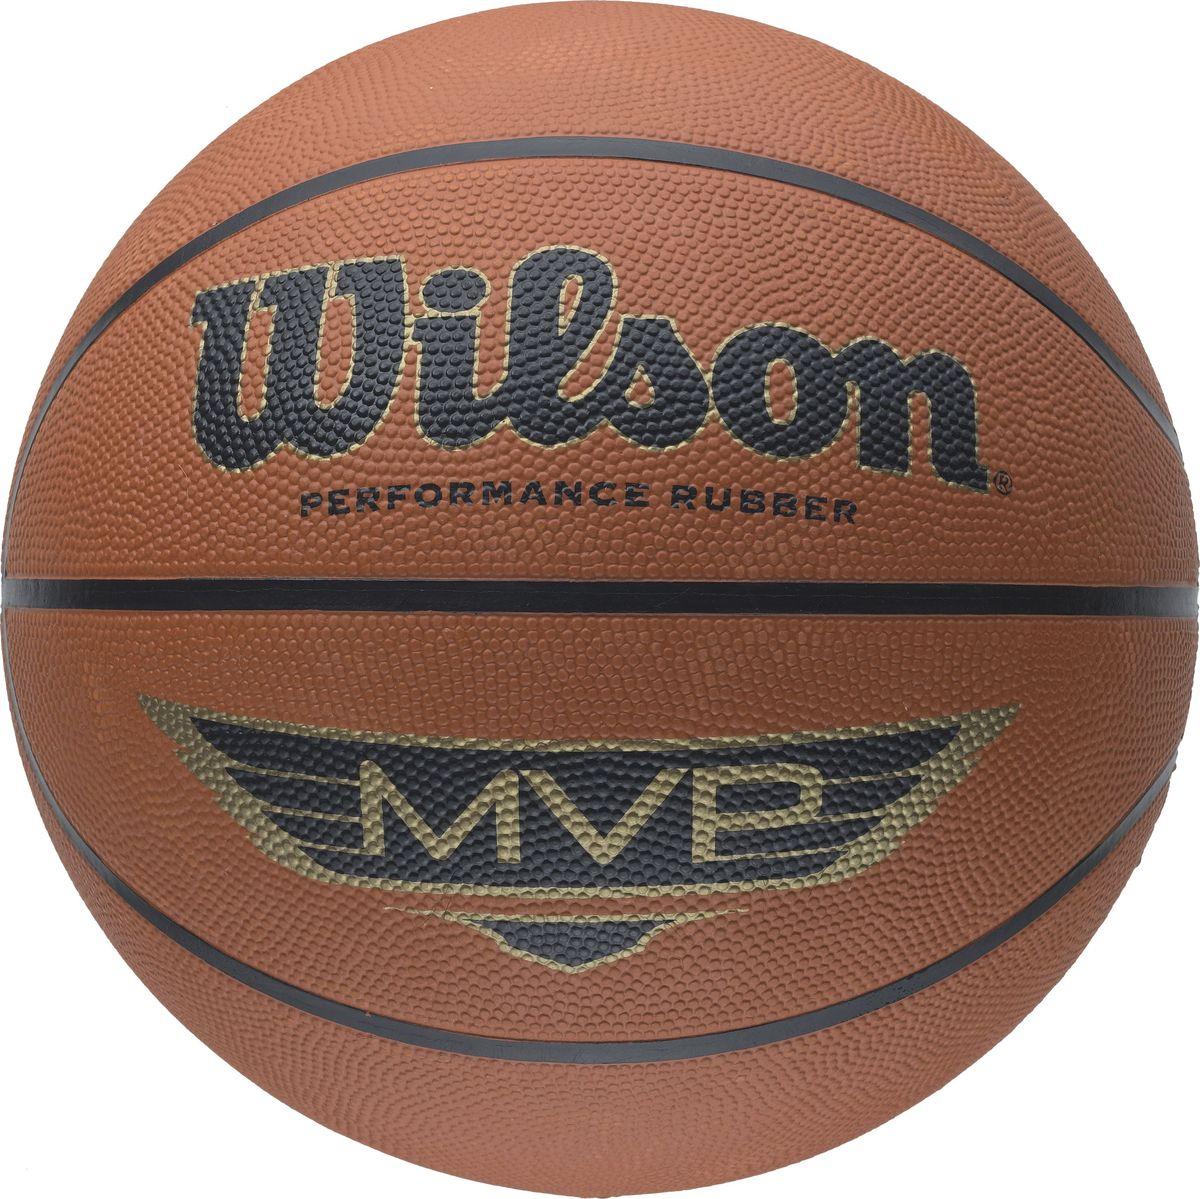 Мяч баскетбольный Wilson MVP, размер: 7,цвет: коричневыйX5357Баскетбольный мяч Wilson MVP отлично подходит для комфортных тренировок и игр команд любого уровня.Покрышка мяча выполнена из современного композитного материала ACL (Absorbent Composite Leather) на основе микрофибры. Этот материал обладает высокой способностью впитывать влагу и пот. Камера закрывается специальной системой, сохраняющей максимум воздуха и давления.Мяч обладает большой цепкостью, он не выскальзывает из рук во время броска или дриблинга. Баскетбольный мяч рекомендован для тренировок и соревнований команд высокого уровня.УВАЖАЕМЫЕ КЛИЕНТЫ!Обращаем ваше внимание на тот факт, что мяч поставляется в сдутом виде. Насос в комплект не входит.